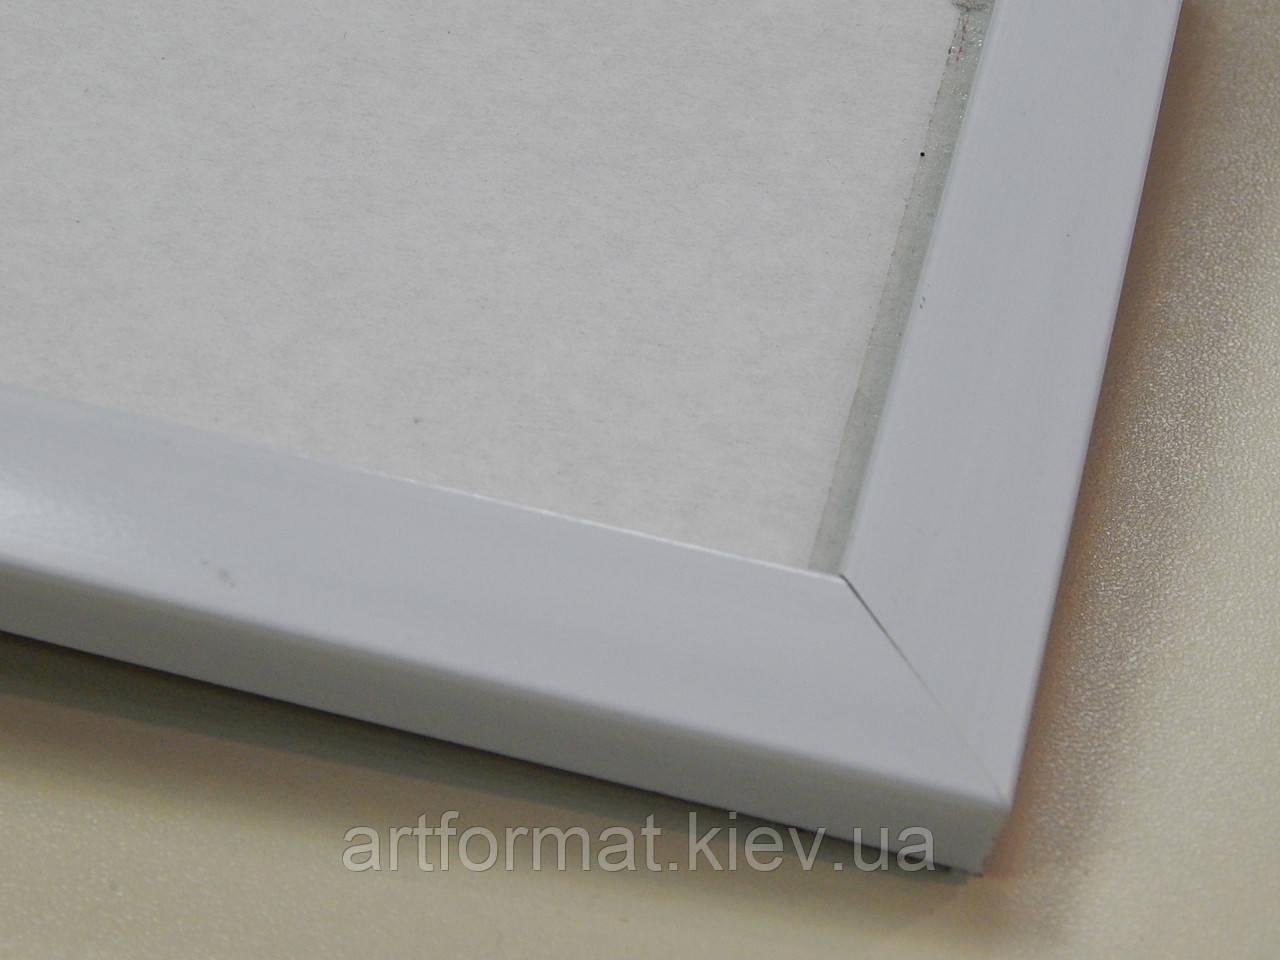 Рамка А4 (210х297).Рамка пластиковая 16 мм.Белый полуматовый.